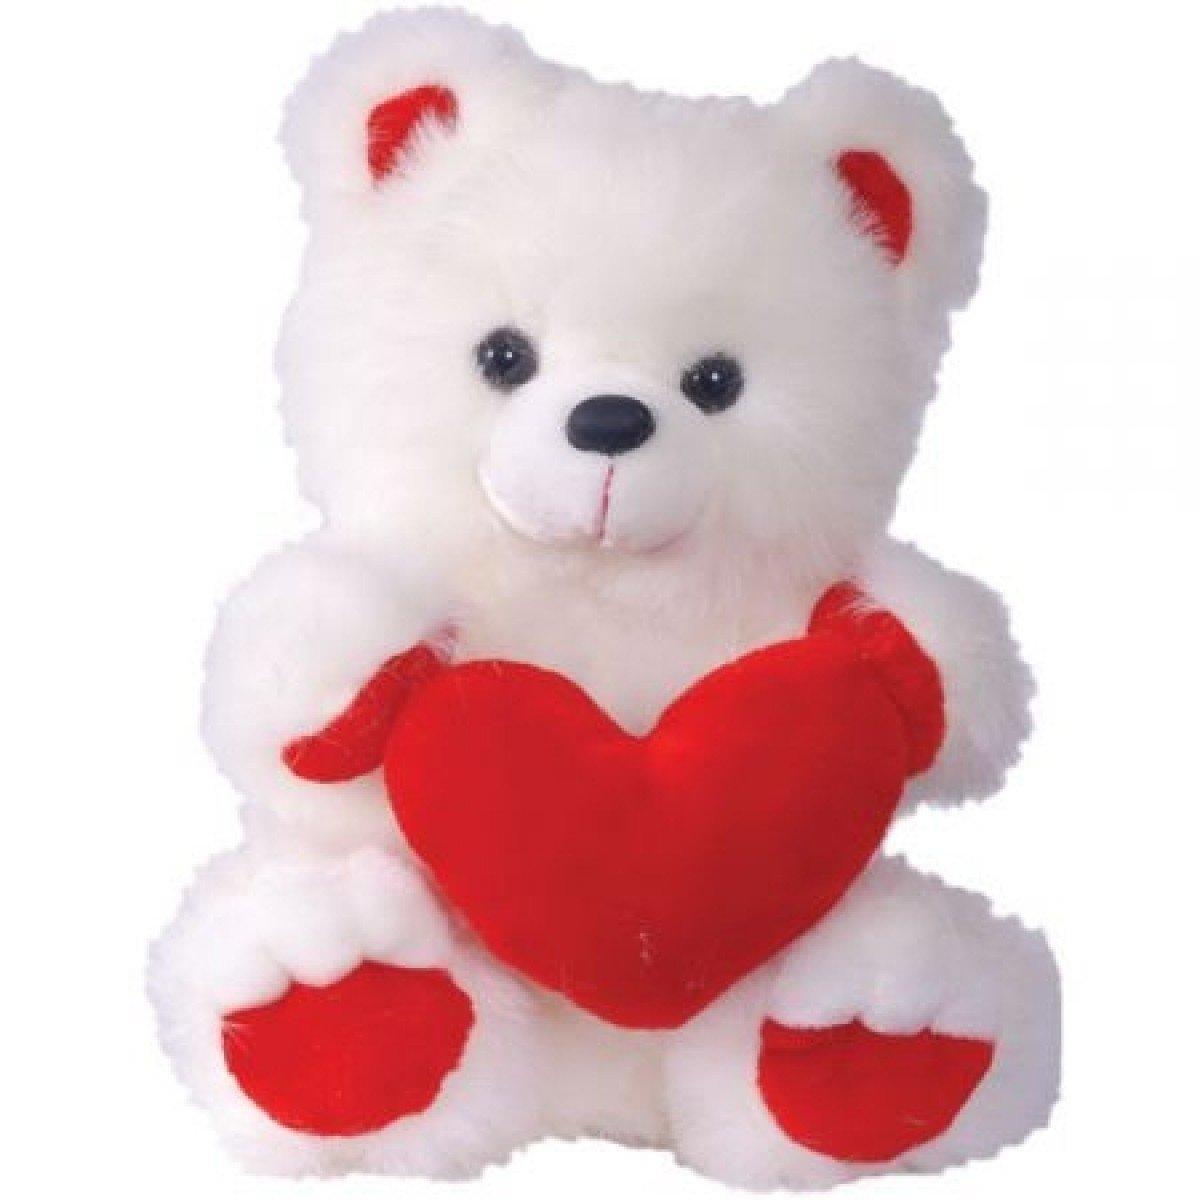 сердце мягкая игрушка картинки говорит вашей